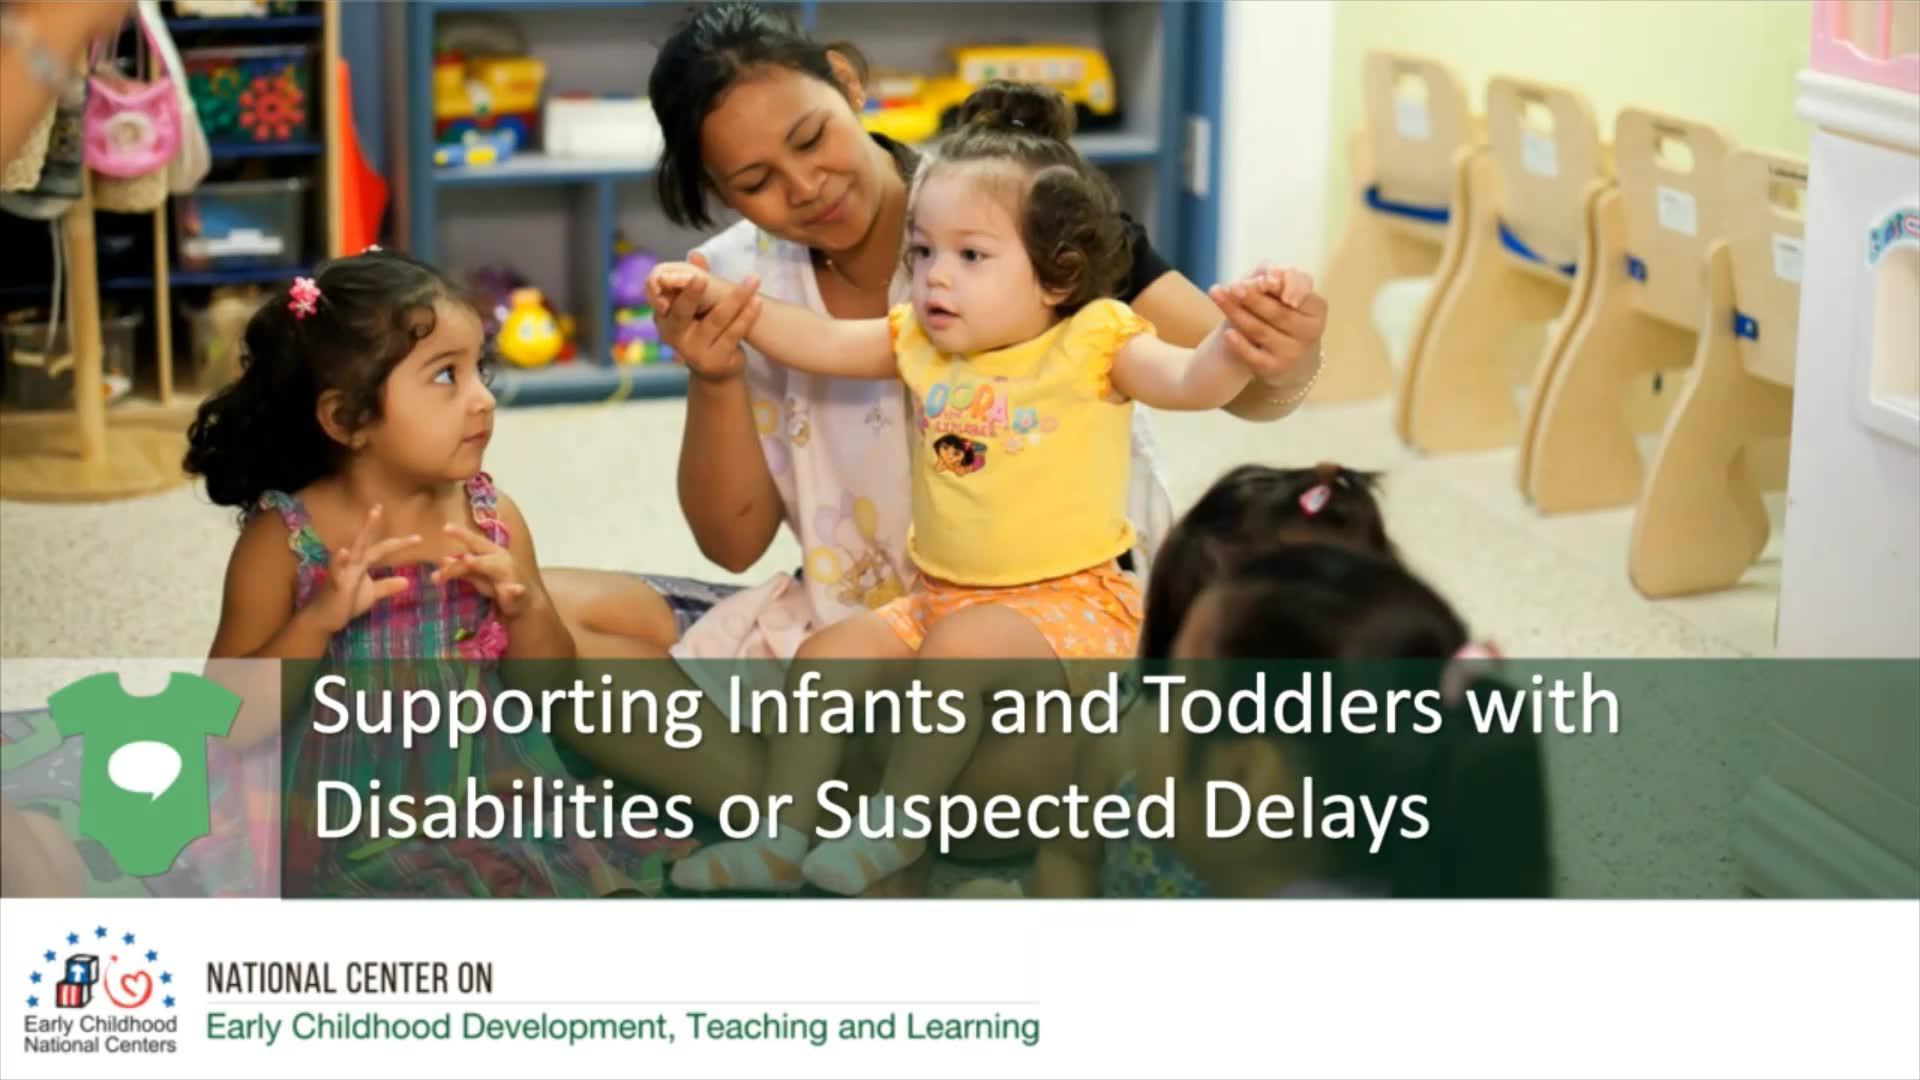 Apoyo a bebés y niños pequeños con discapacidades o posibles retrasos